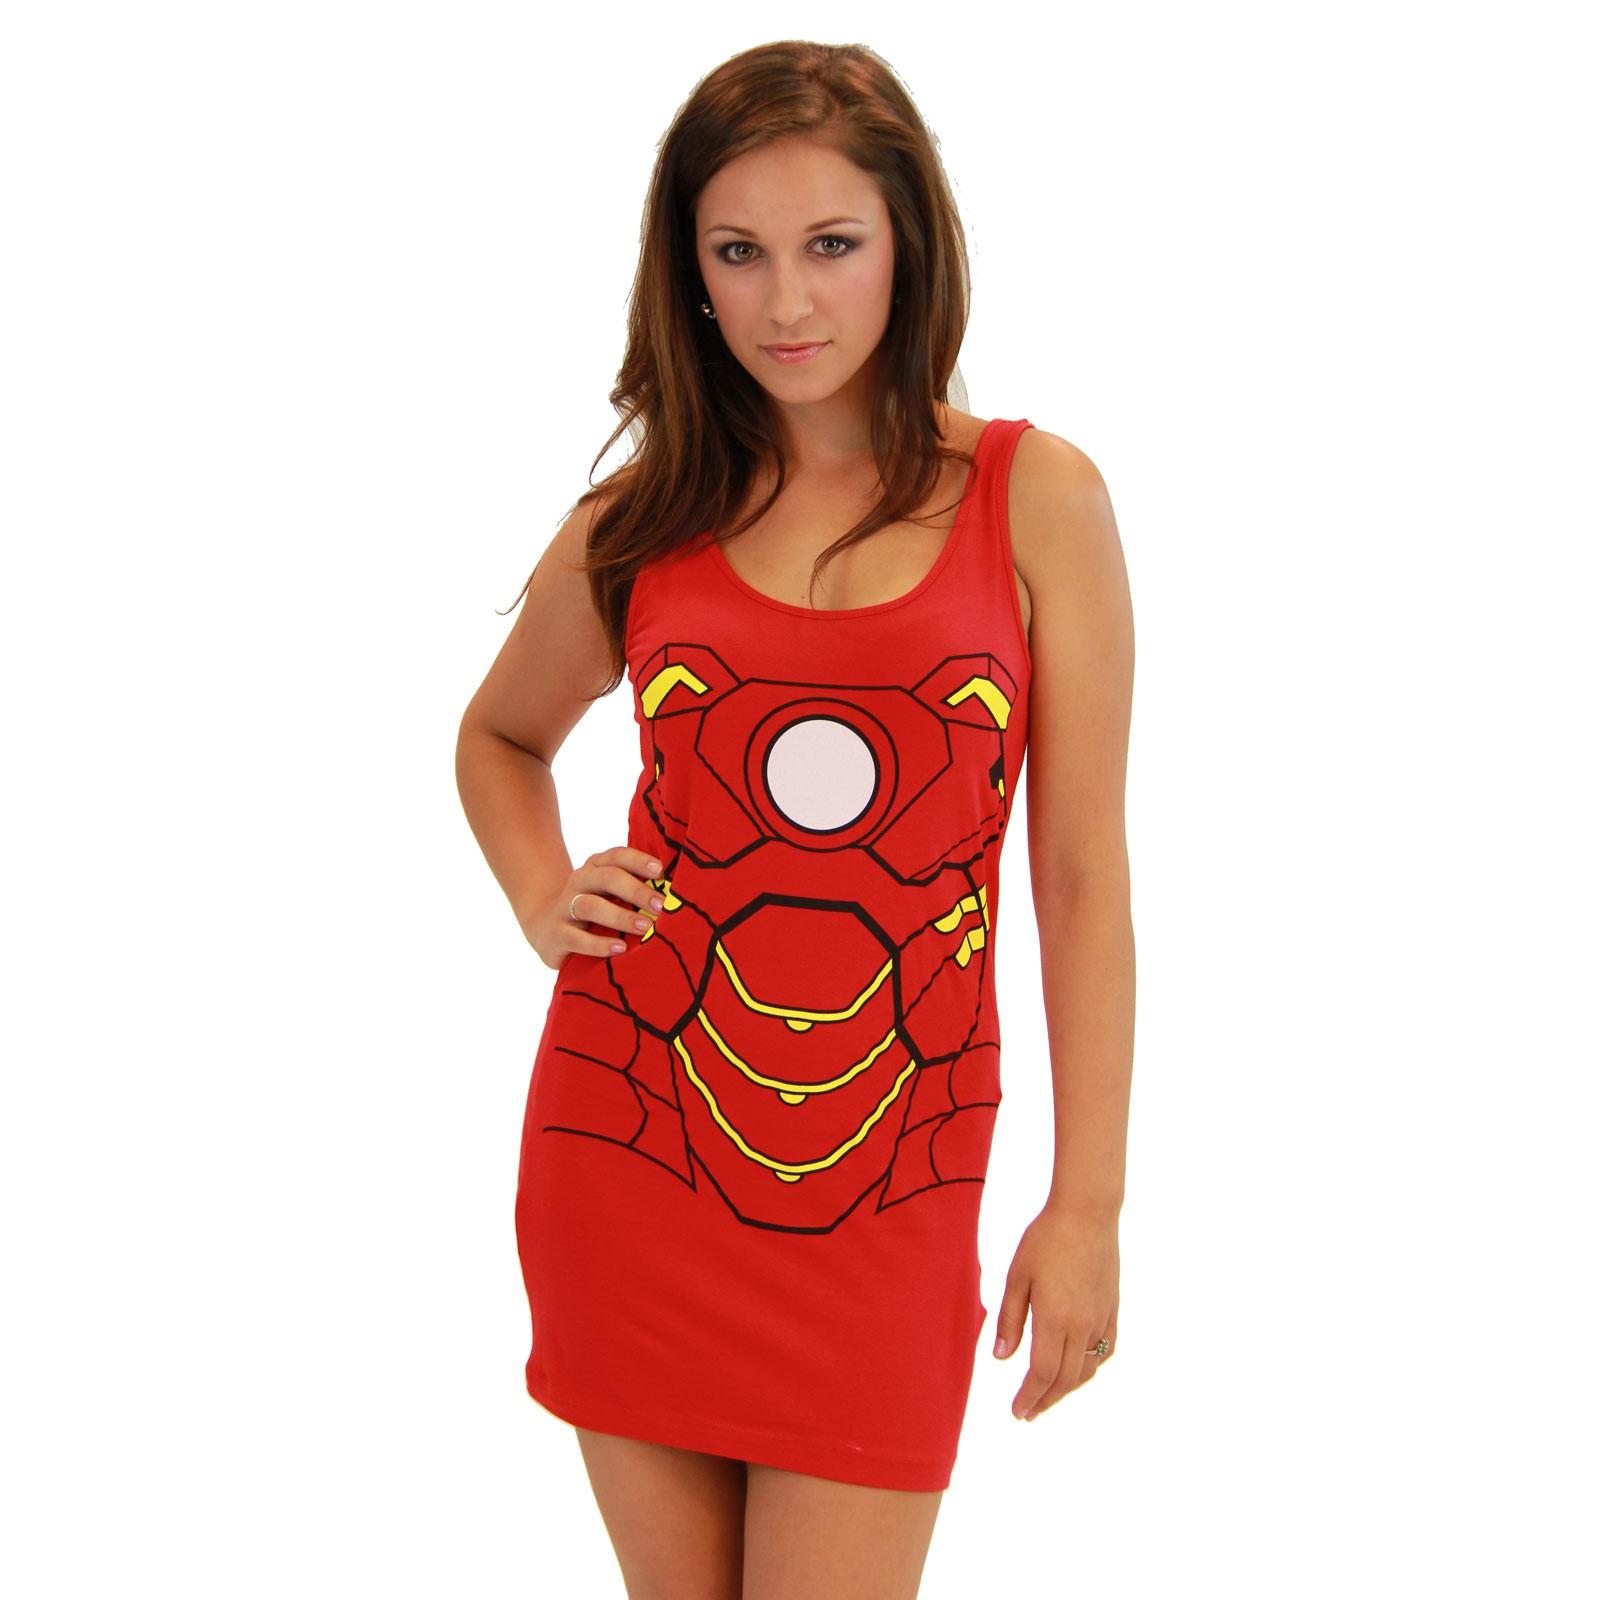 Women's Iron Man Cotton/Spandex Tank Dress